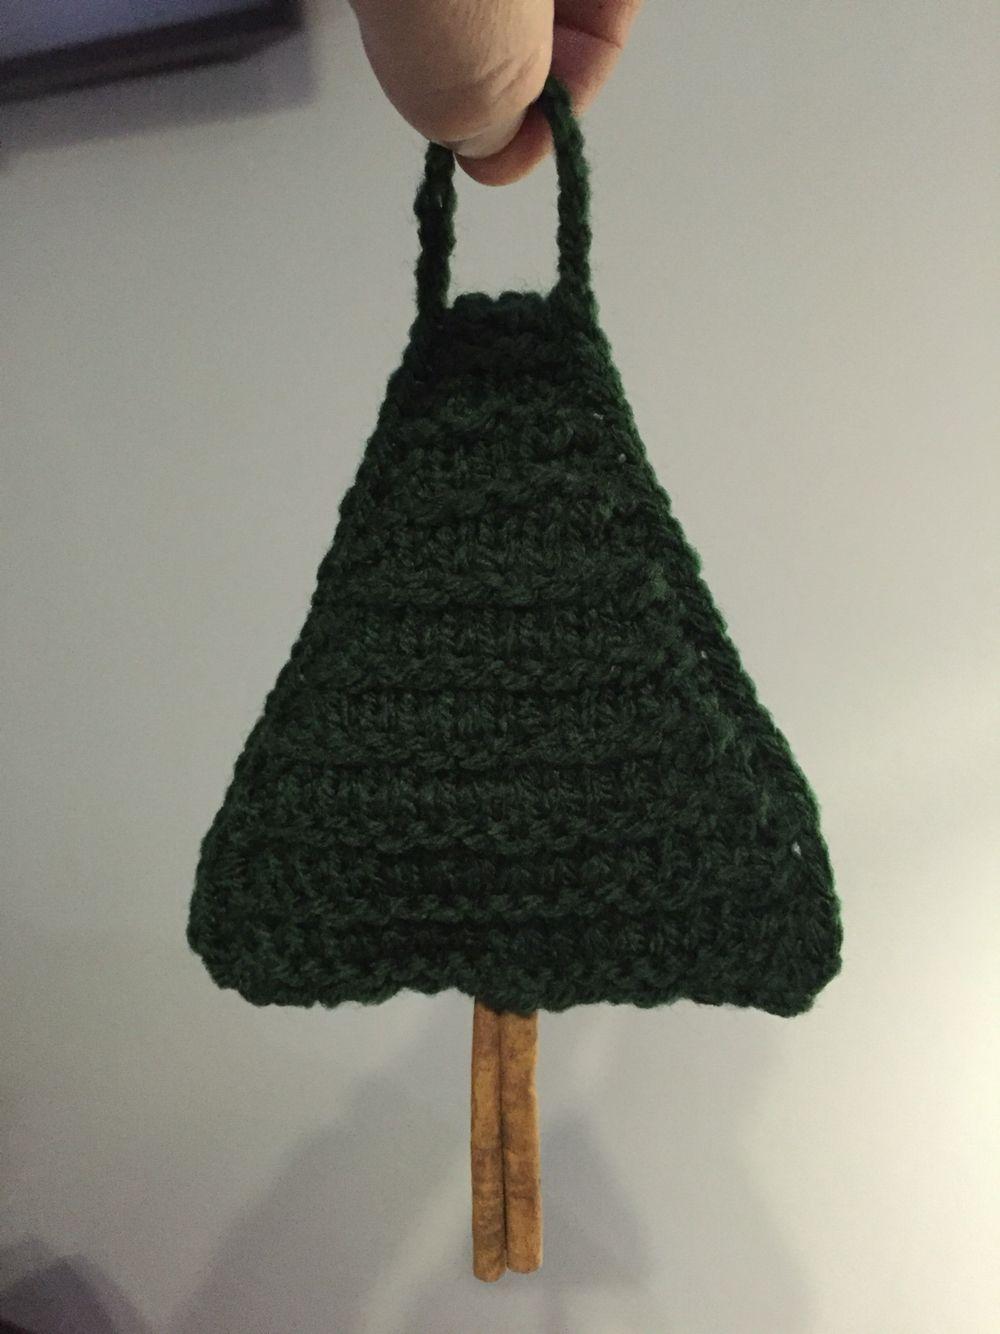 Strikket juletræ med kanelstamme